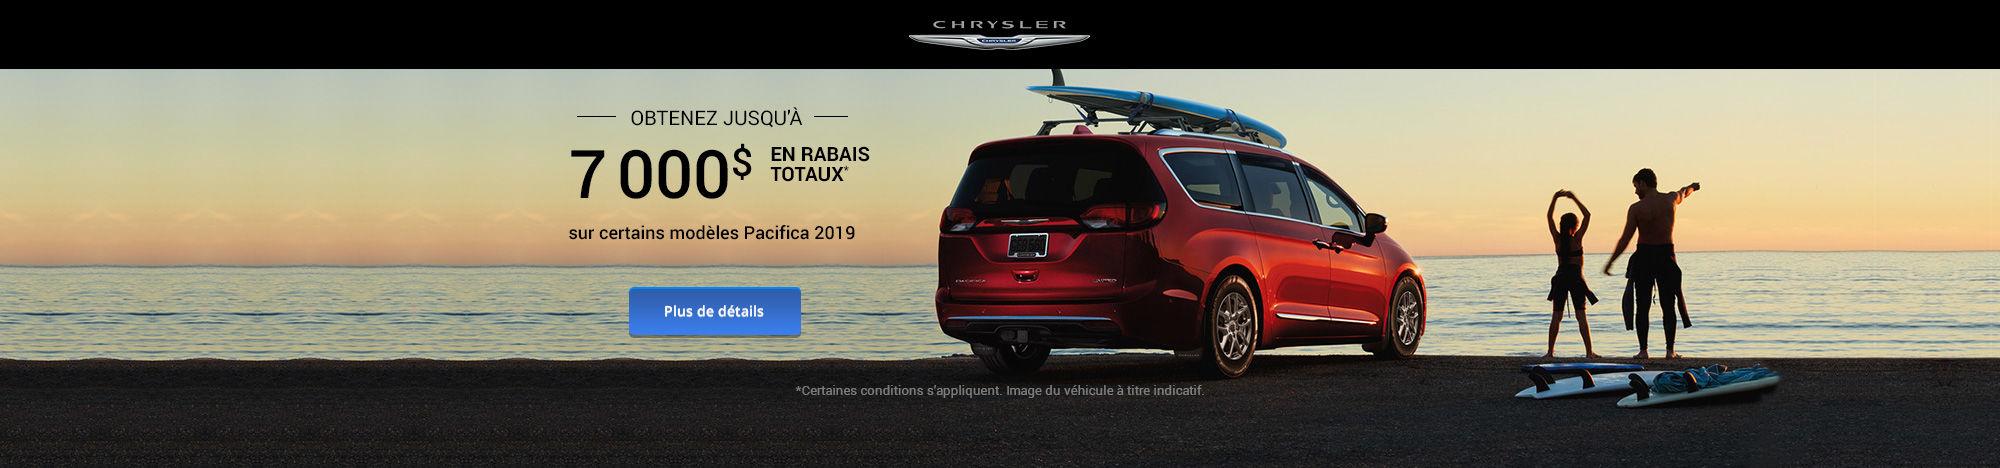 Event mensuel - Chrysler